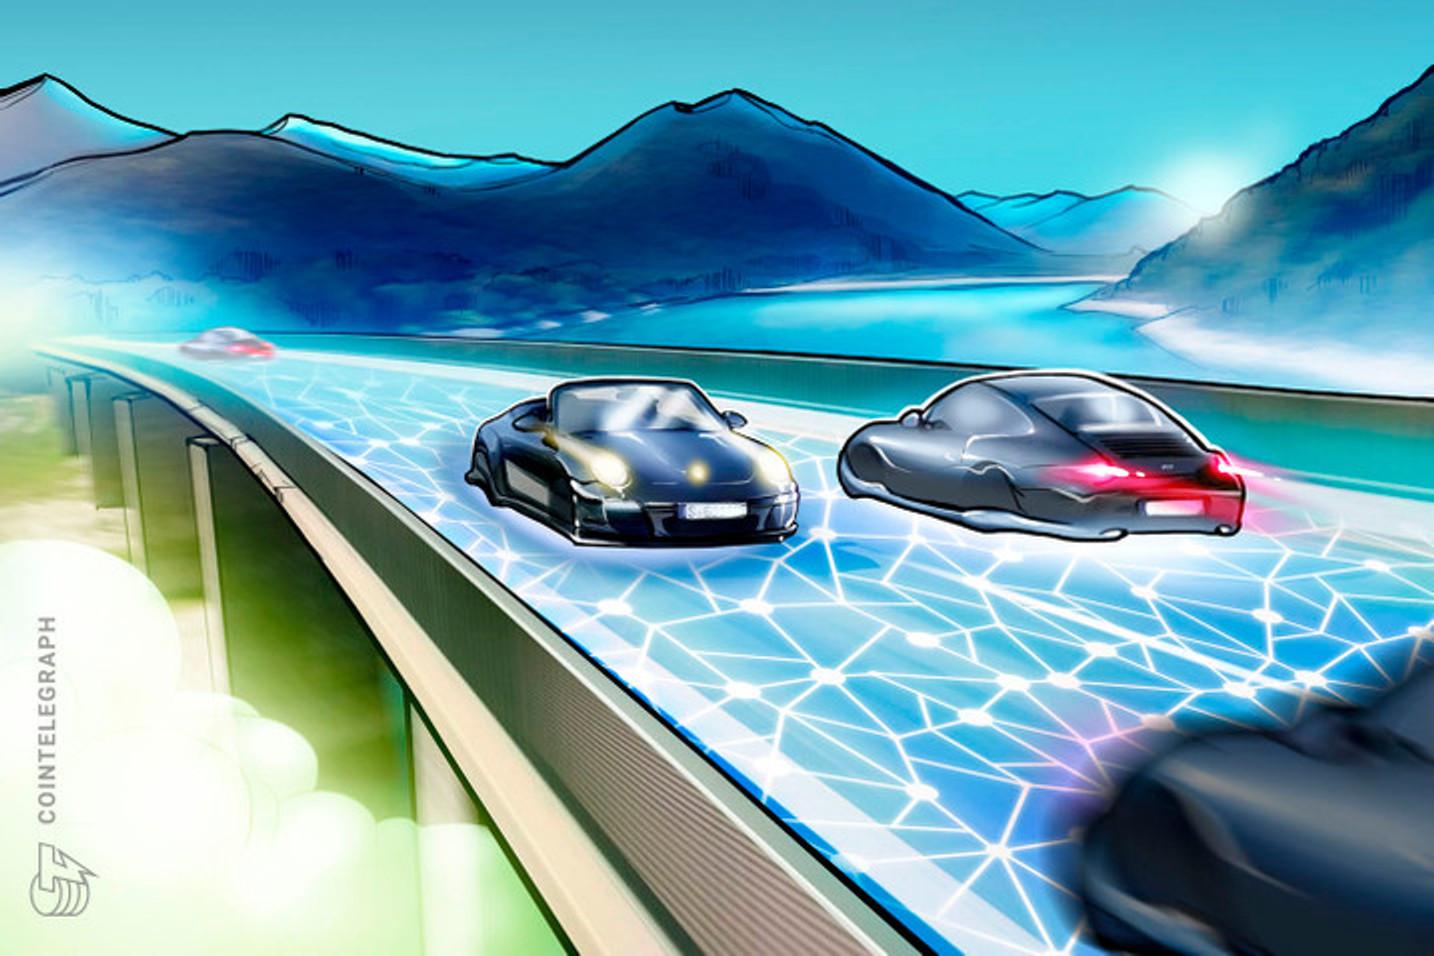 5G e carros elétricos impulsionam mercado de lítio; minério pode tornar-se fundamental no futuro breve